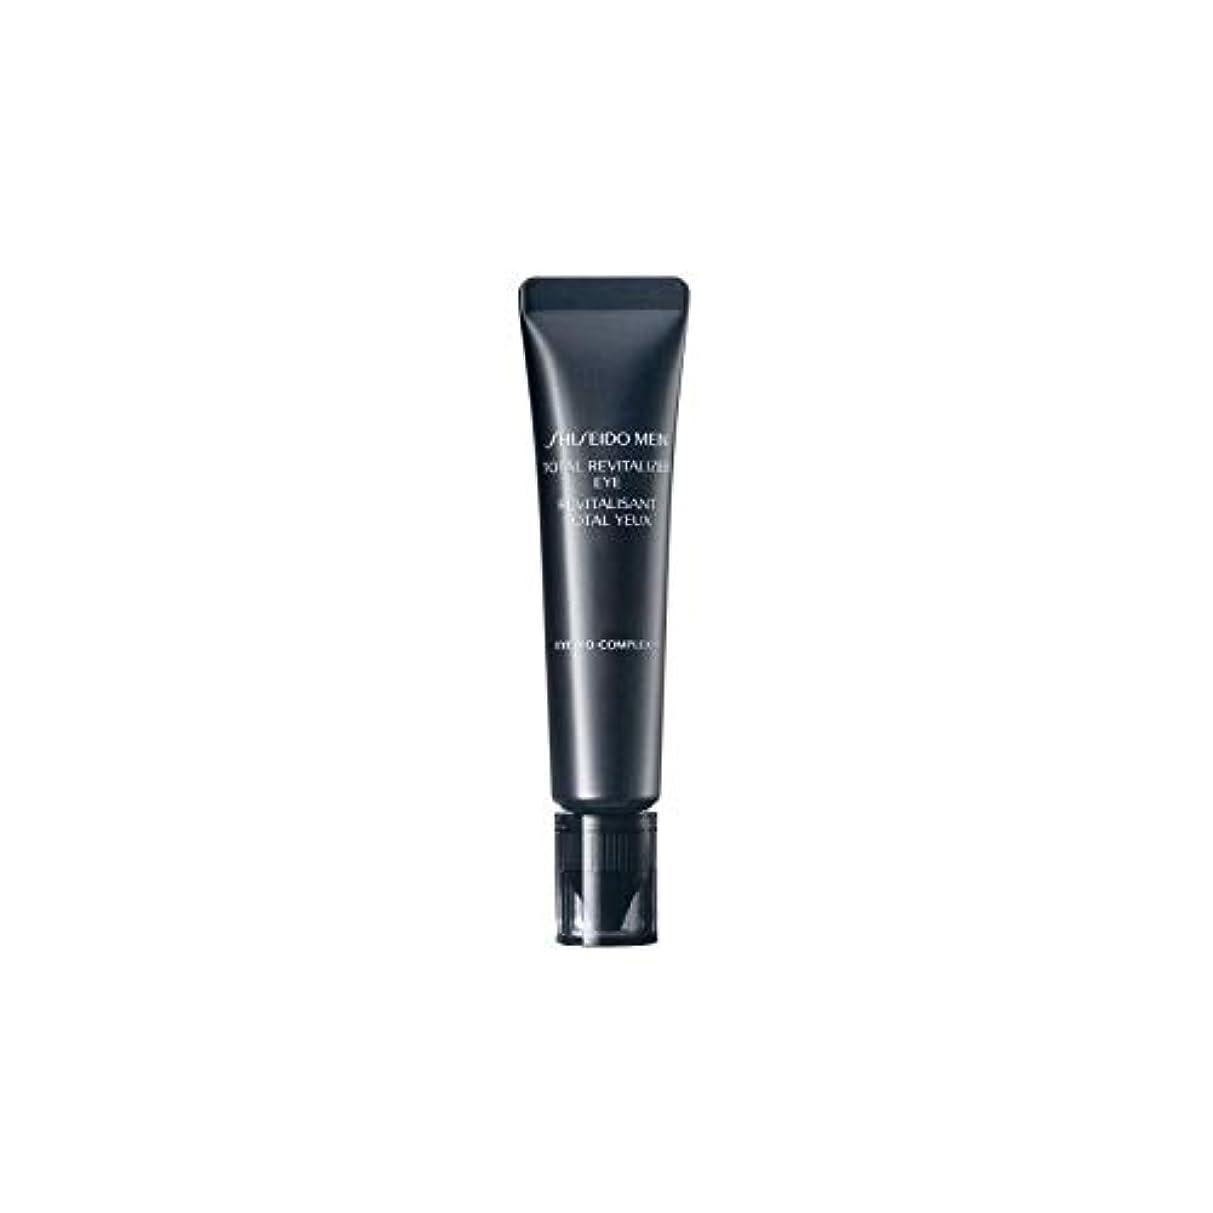 天使インストラクター多様性[Shiseido ] 資生堂は、総滋養強壮の眼(15ミリリットル)をメンズ - Shiseido Mens Total Revitalizer Eye (15ml) [並行輸入品]